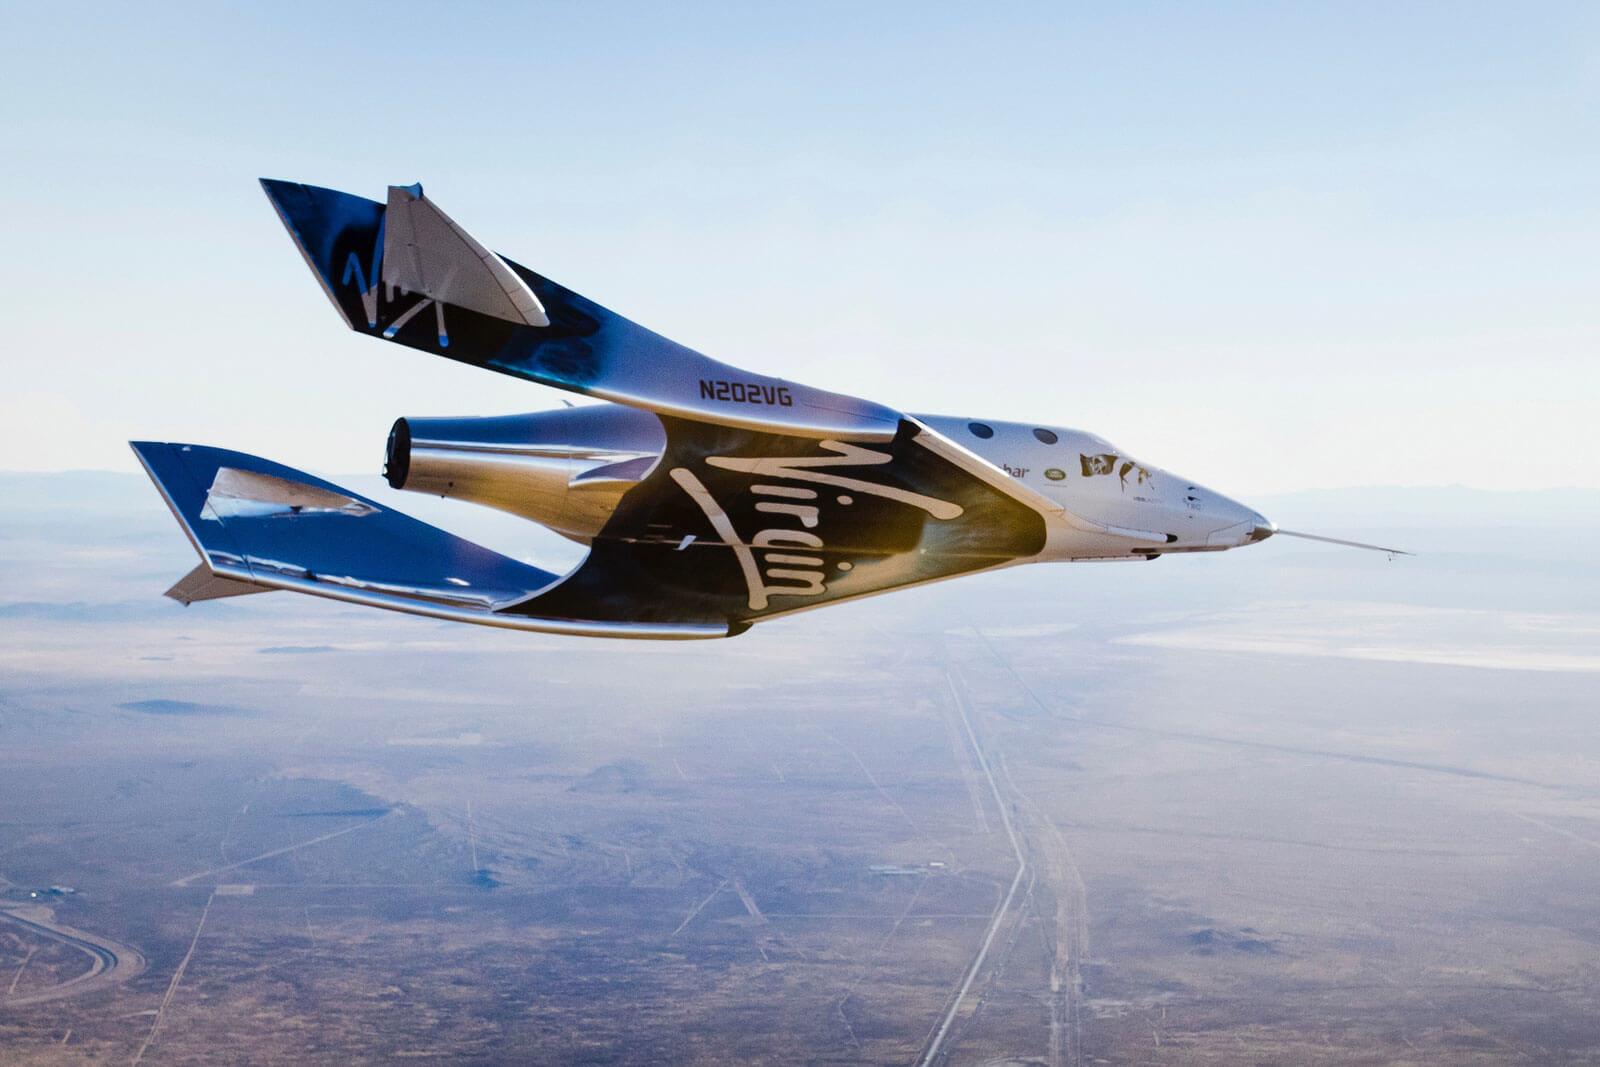 Мільярдер Бренсон полетів у космос на власному ракетоплані Unity (ВІДЕО)